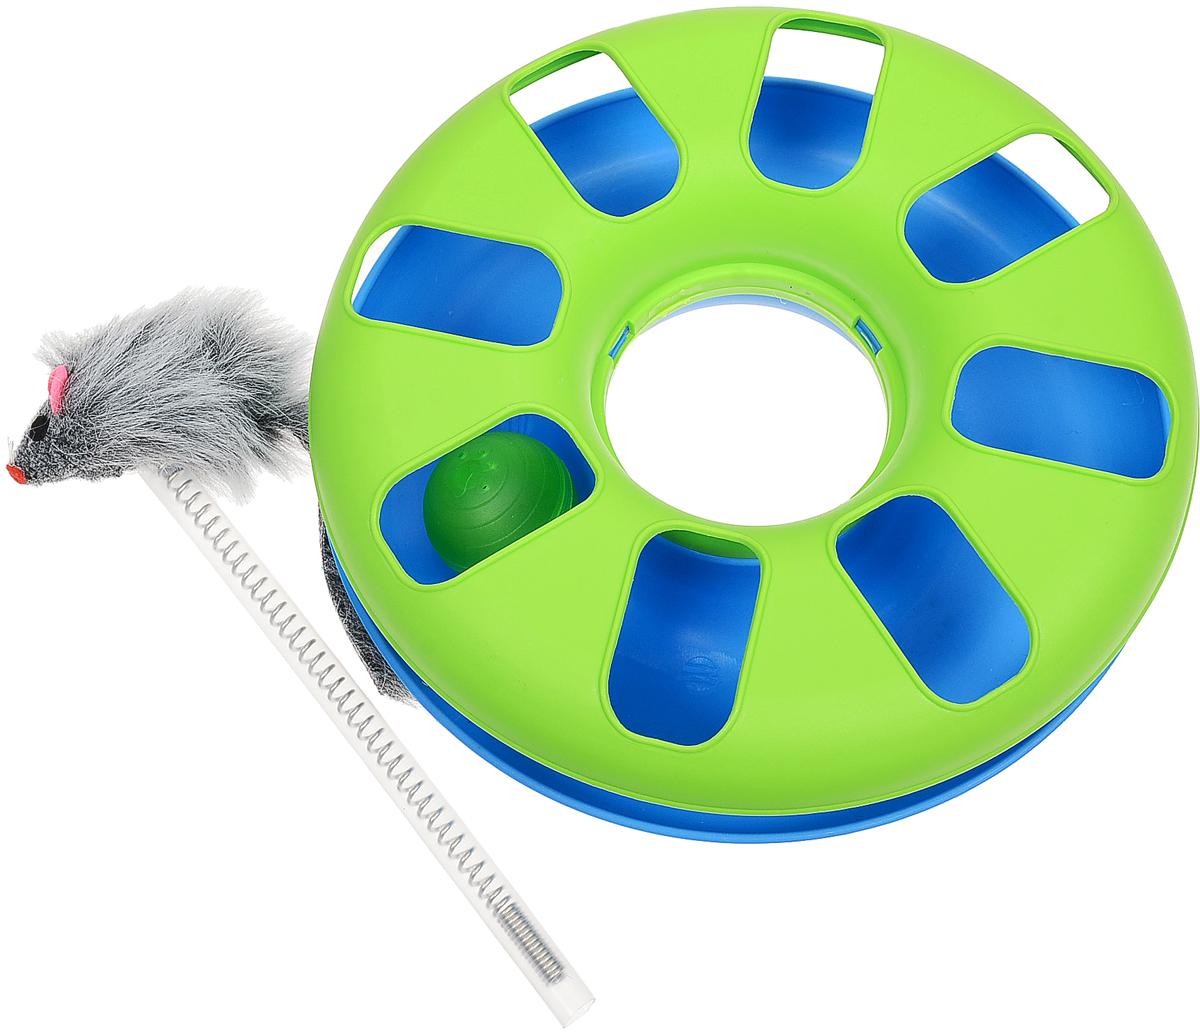 Игрушка Trixie, с мячиком и мышкой, цвет: салатовый, синий, диаметр 24 см игрушка trixie с мячиком и мышкой цвет салатовый синий диаметр 24 см